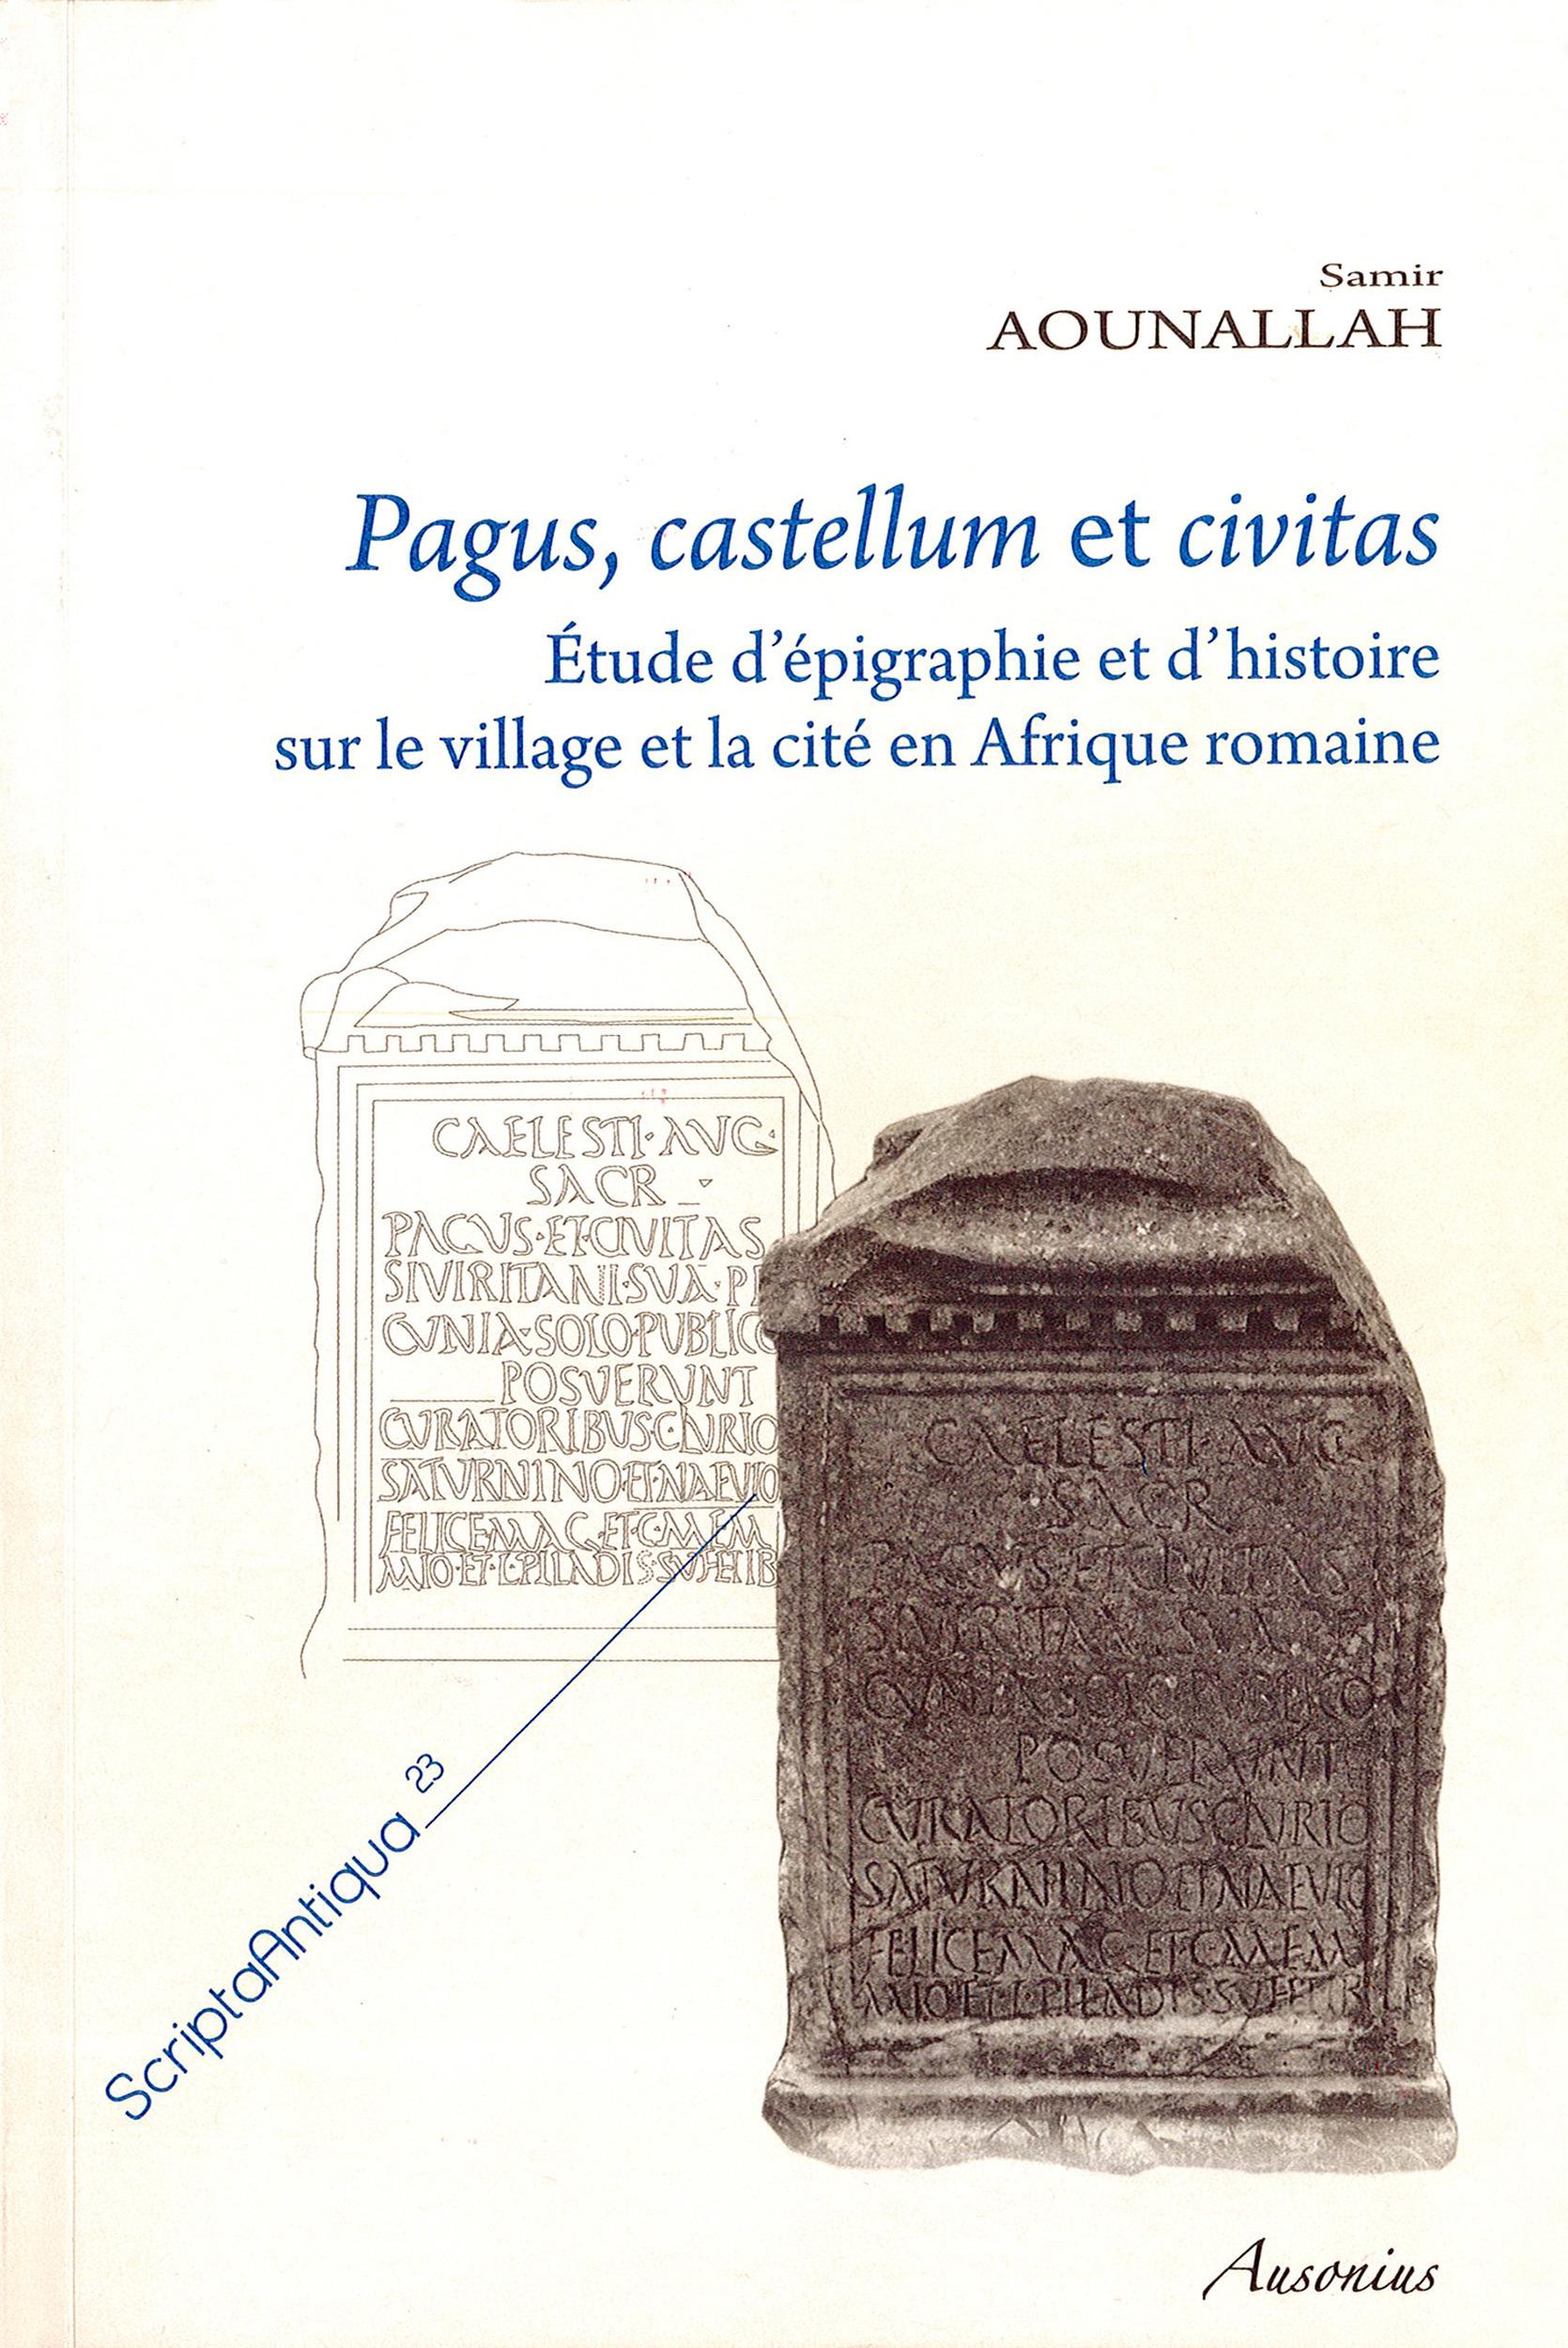 Pagus, castellum et civitas ; études d'épigraphie et d'histoire sur le village et la cité en Afrique romaine